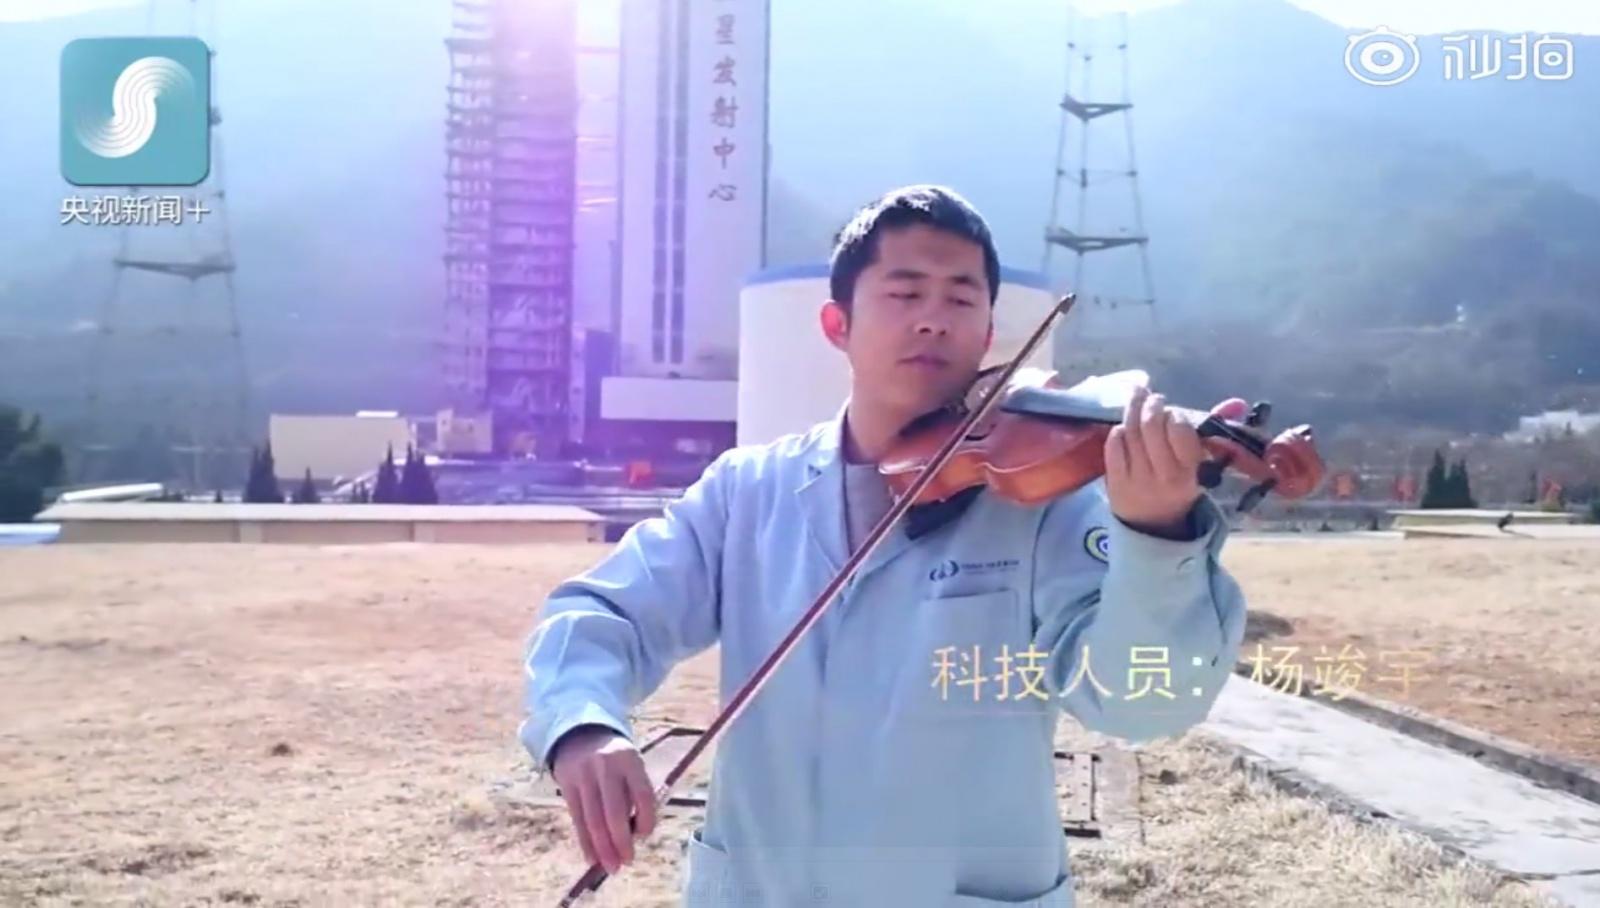 Суровая рабочая реальность — Китайский космодром Сичан (Xichang Satellite Launch Center — XSLC) - 88